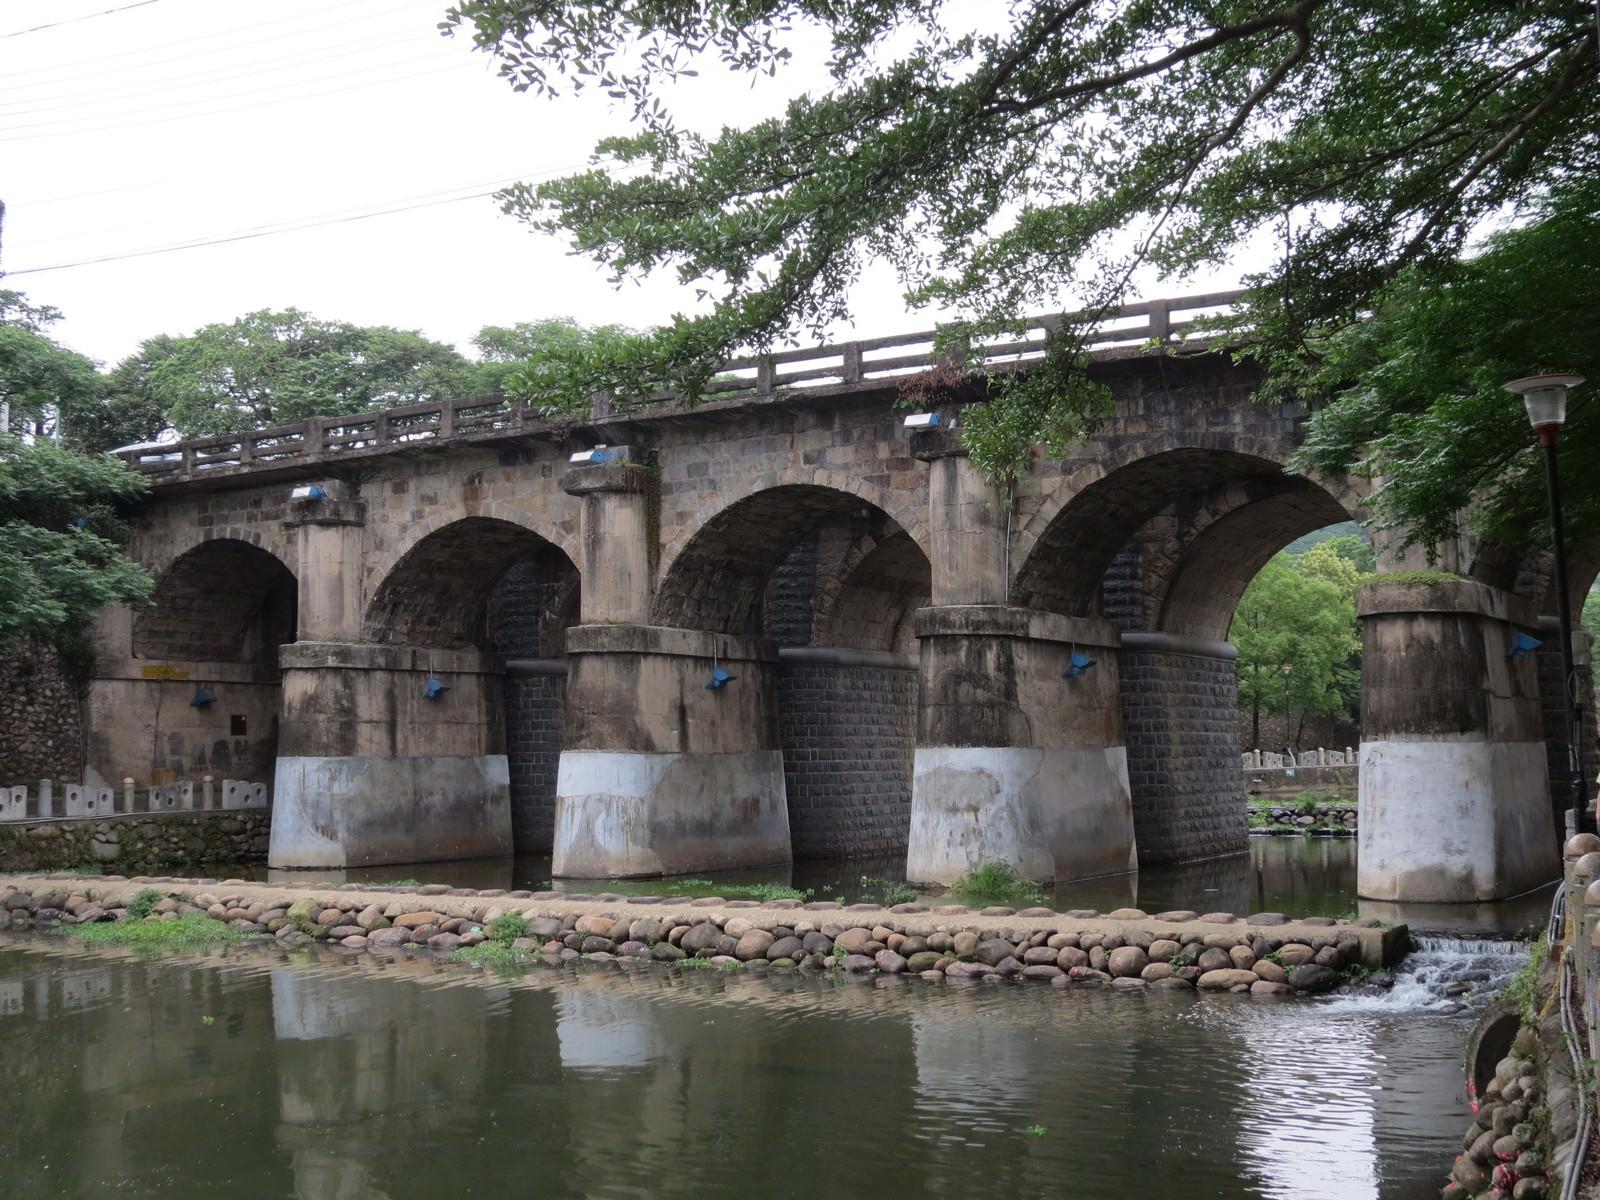 關西立夏小旅行, 東安古橋